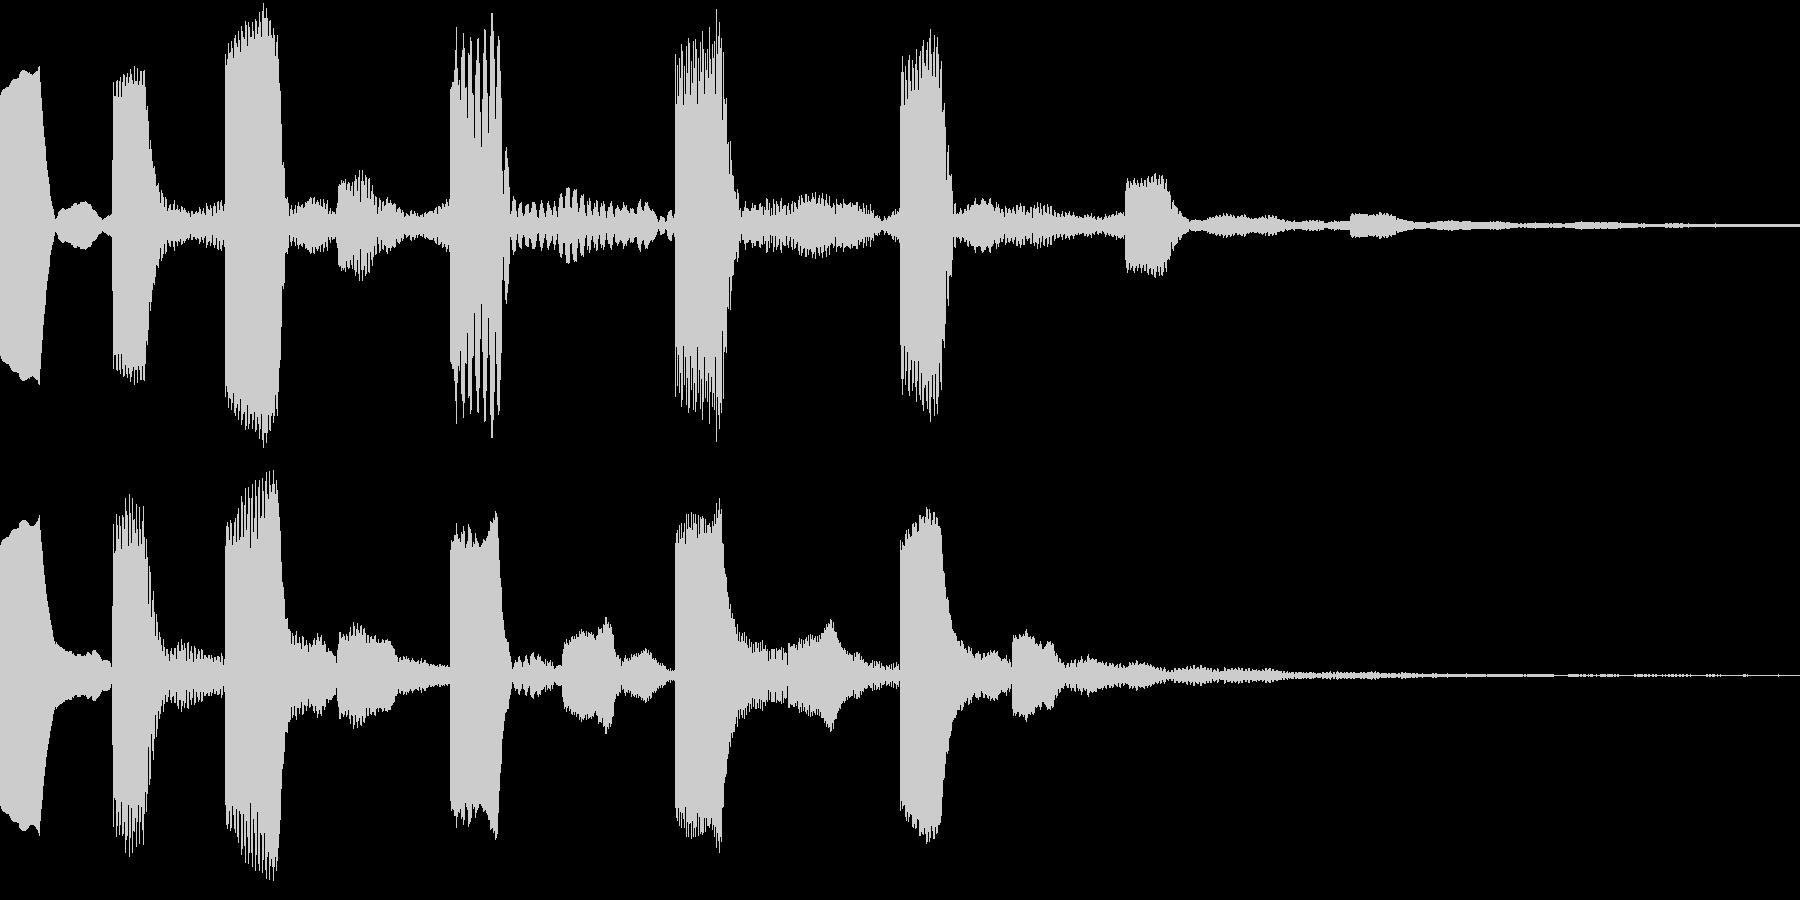 シンセ、テクノ、ピコピコ効果音1の未再生の波形